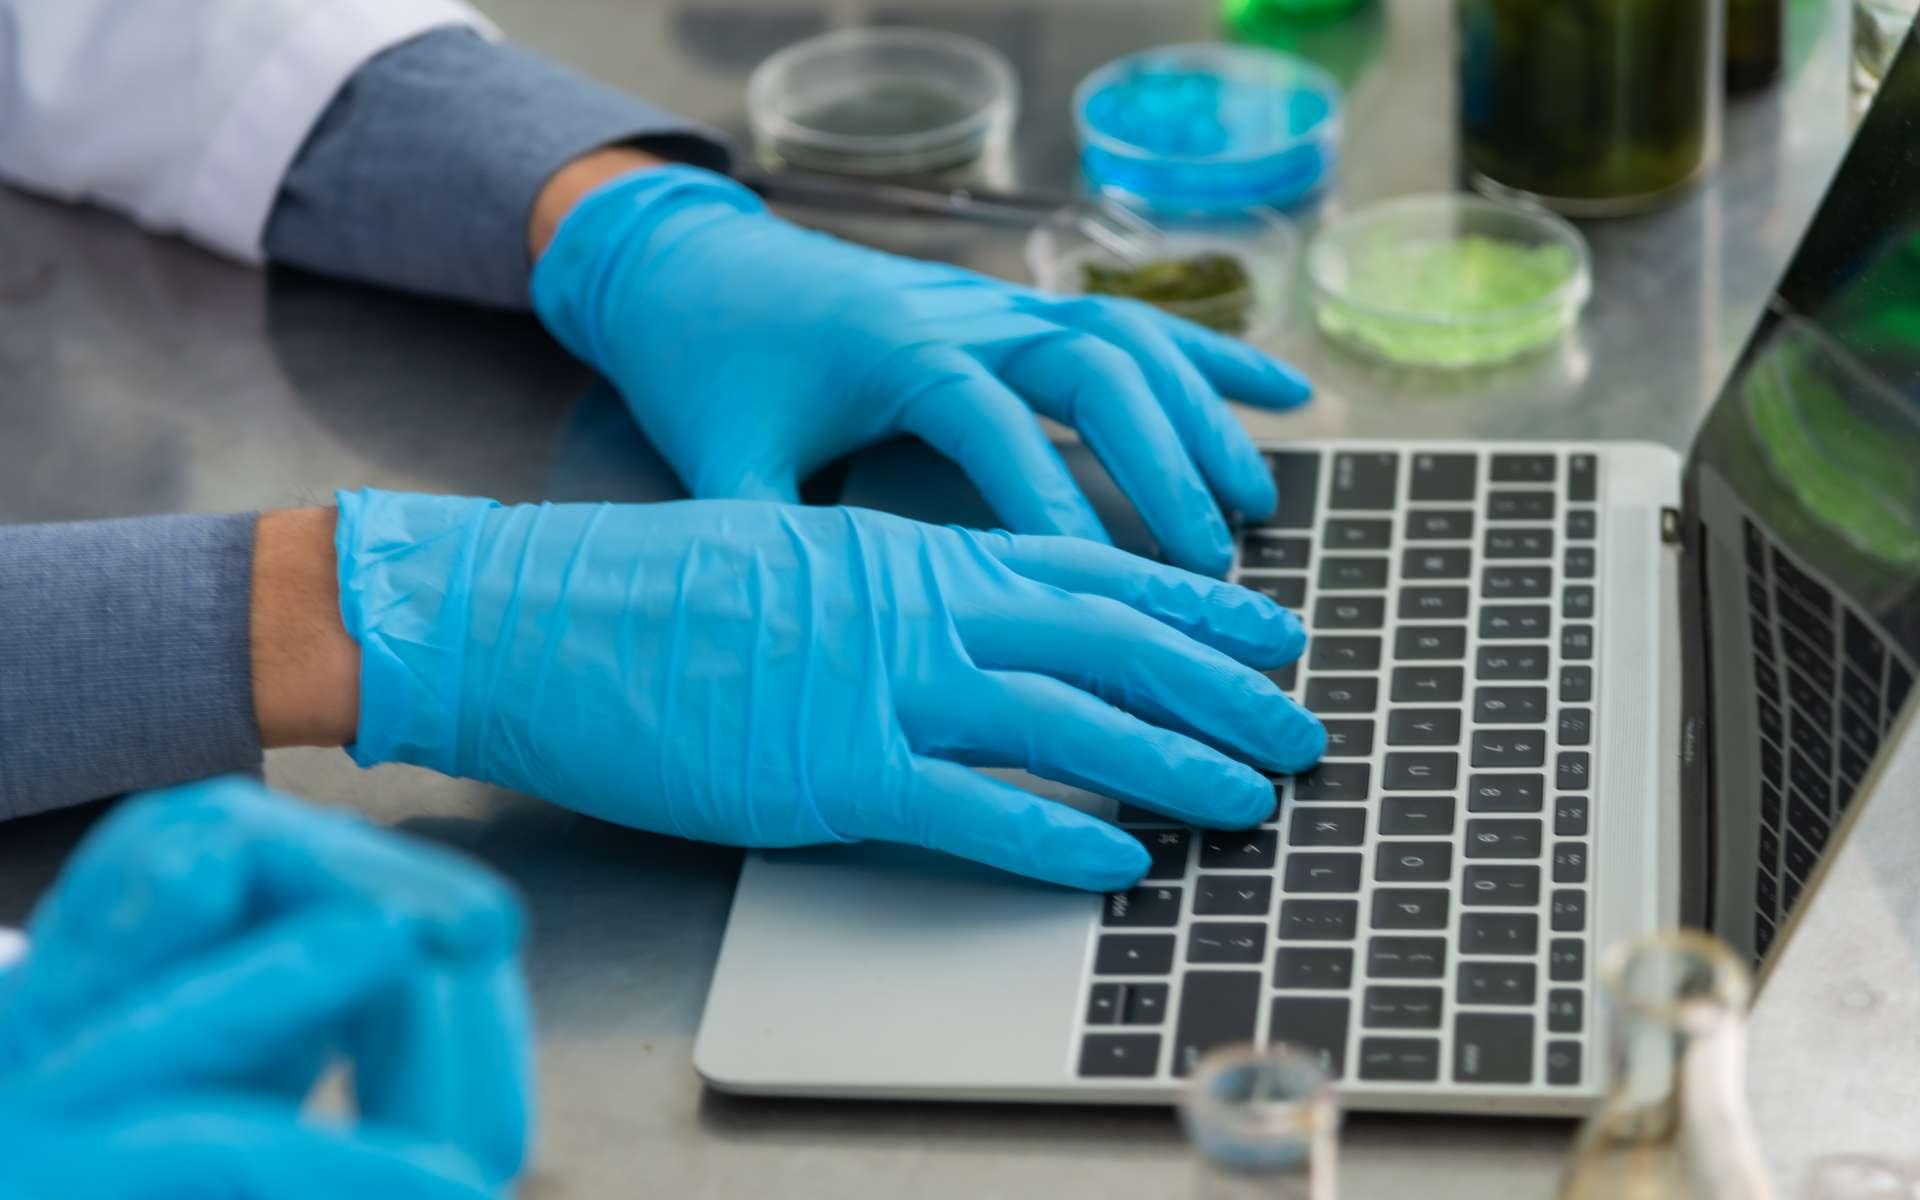 Dans son laboratoire, l'aromaticien note les formules testées pour trouver le meilleur arôme possible. © chokniti, Adobe Stock.